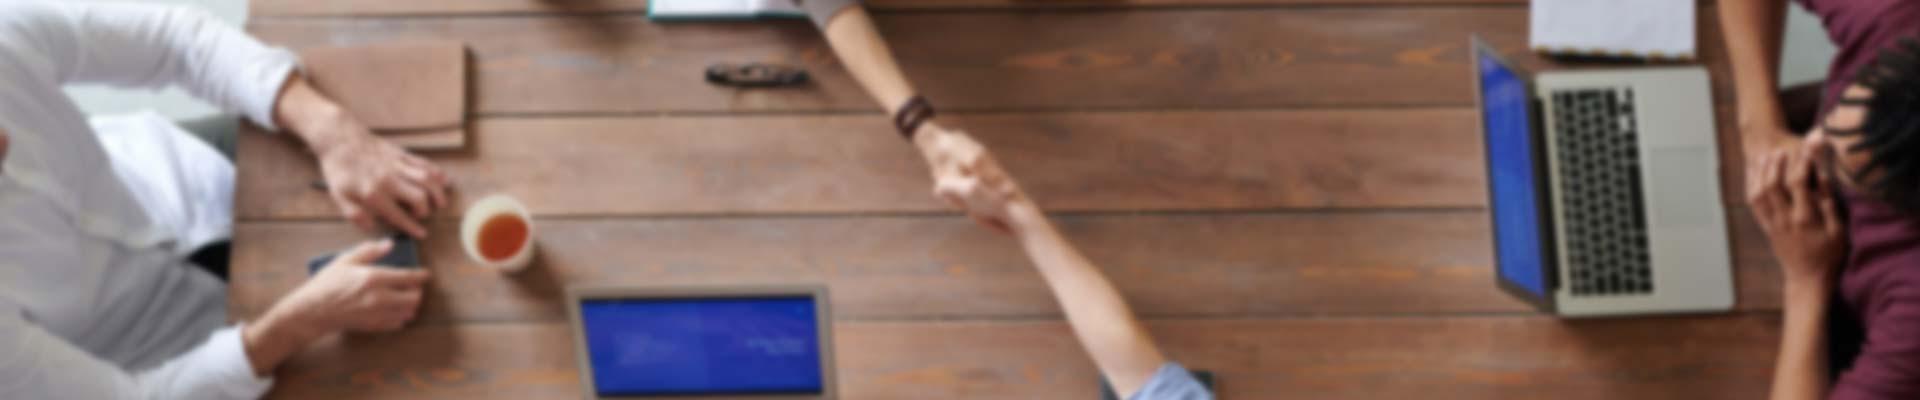 Mitarbeiter-begeistern-arbeitssicherheit.digital